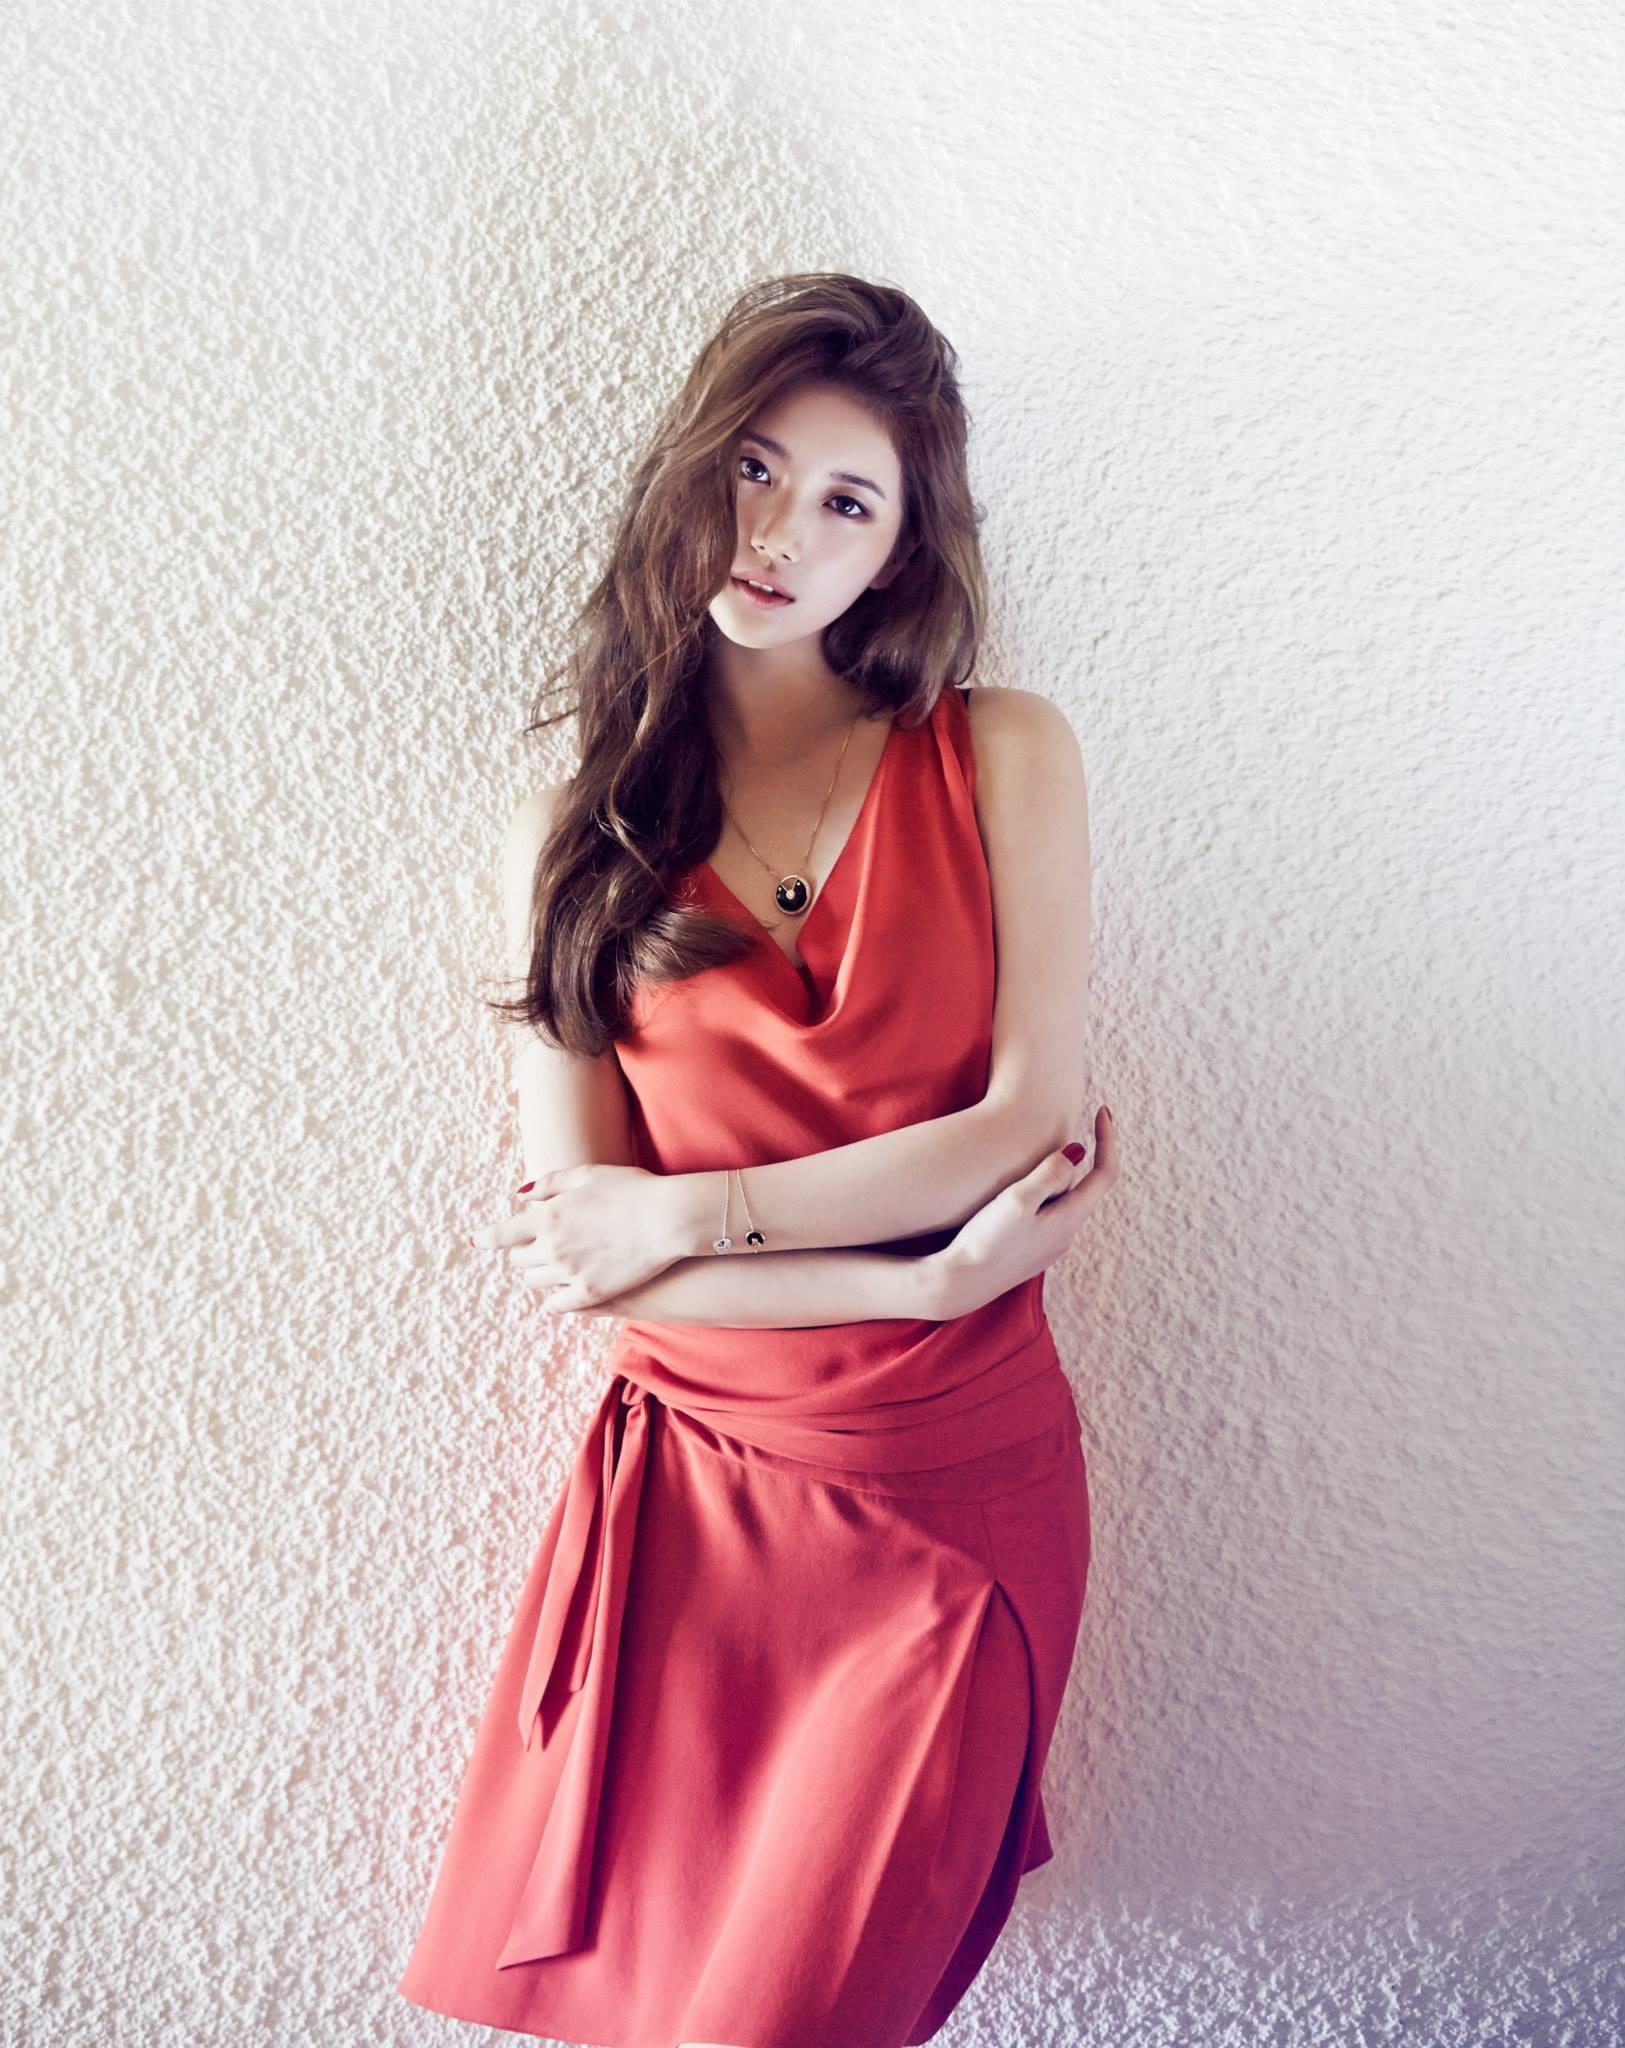 Lee seung gi and bora dating nake 2